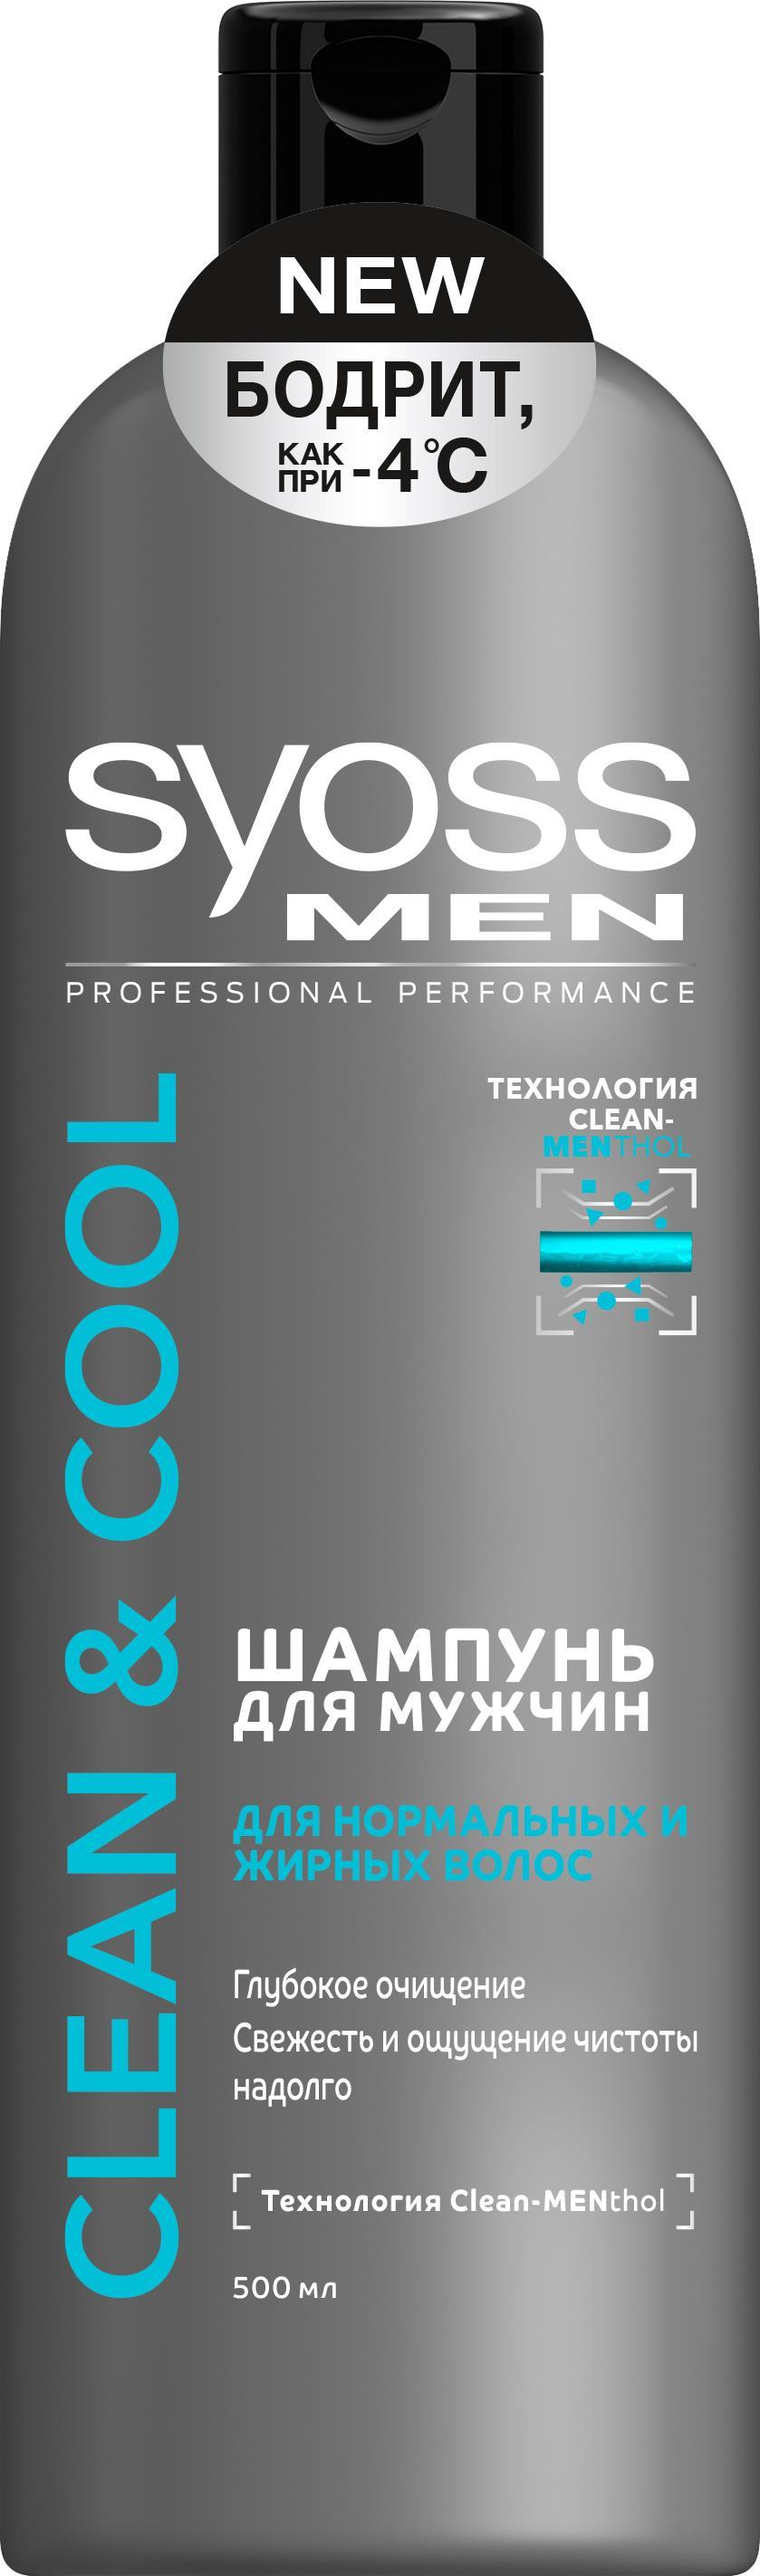 Syoss Шампунь Clean&Cool мужской, 500 мл набоков владимир дмитриевич до и после временного правительства